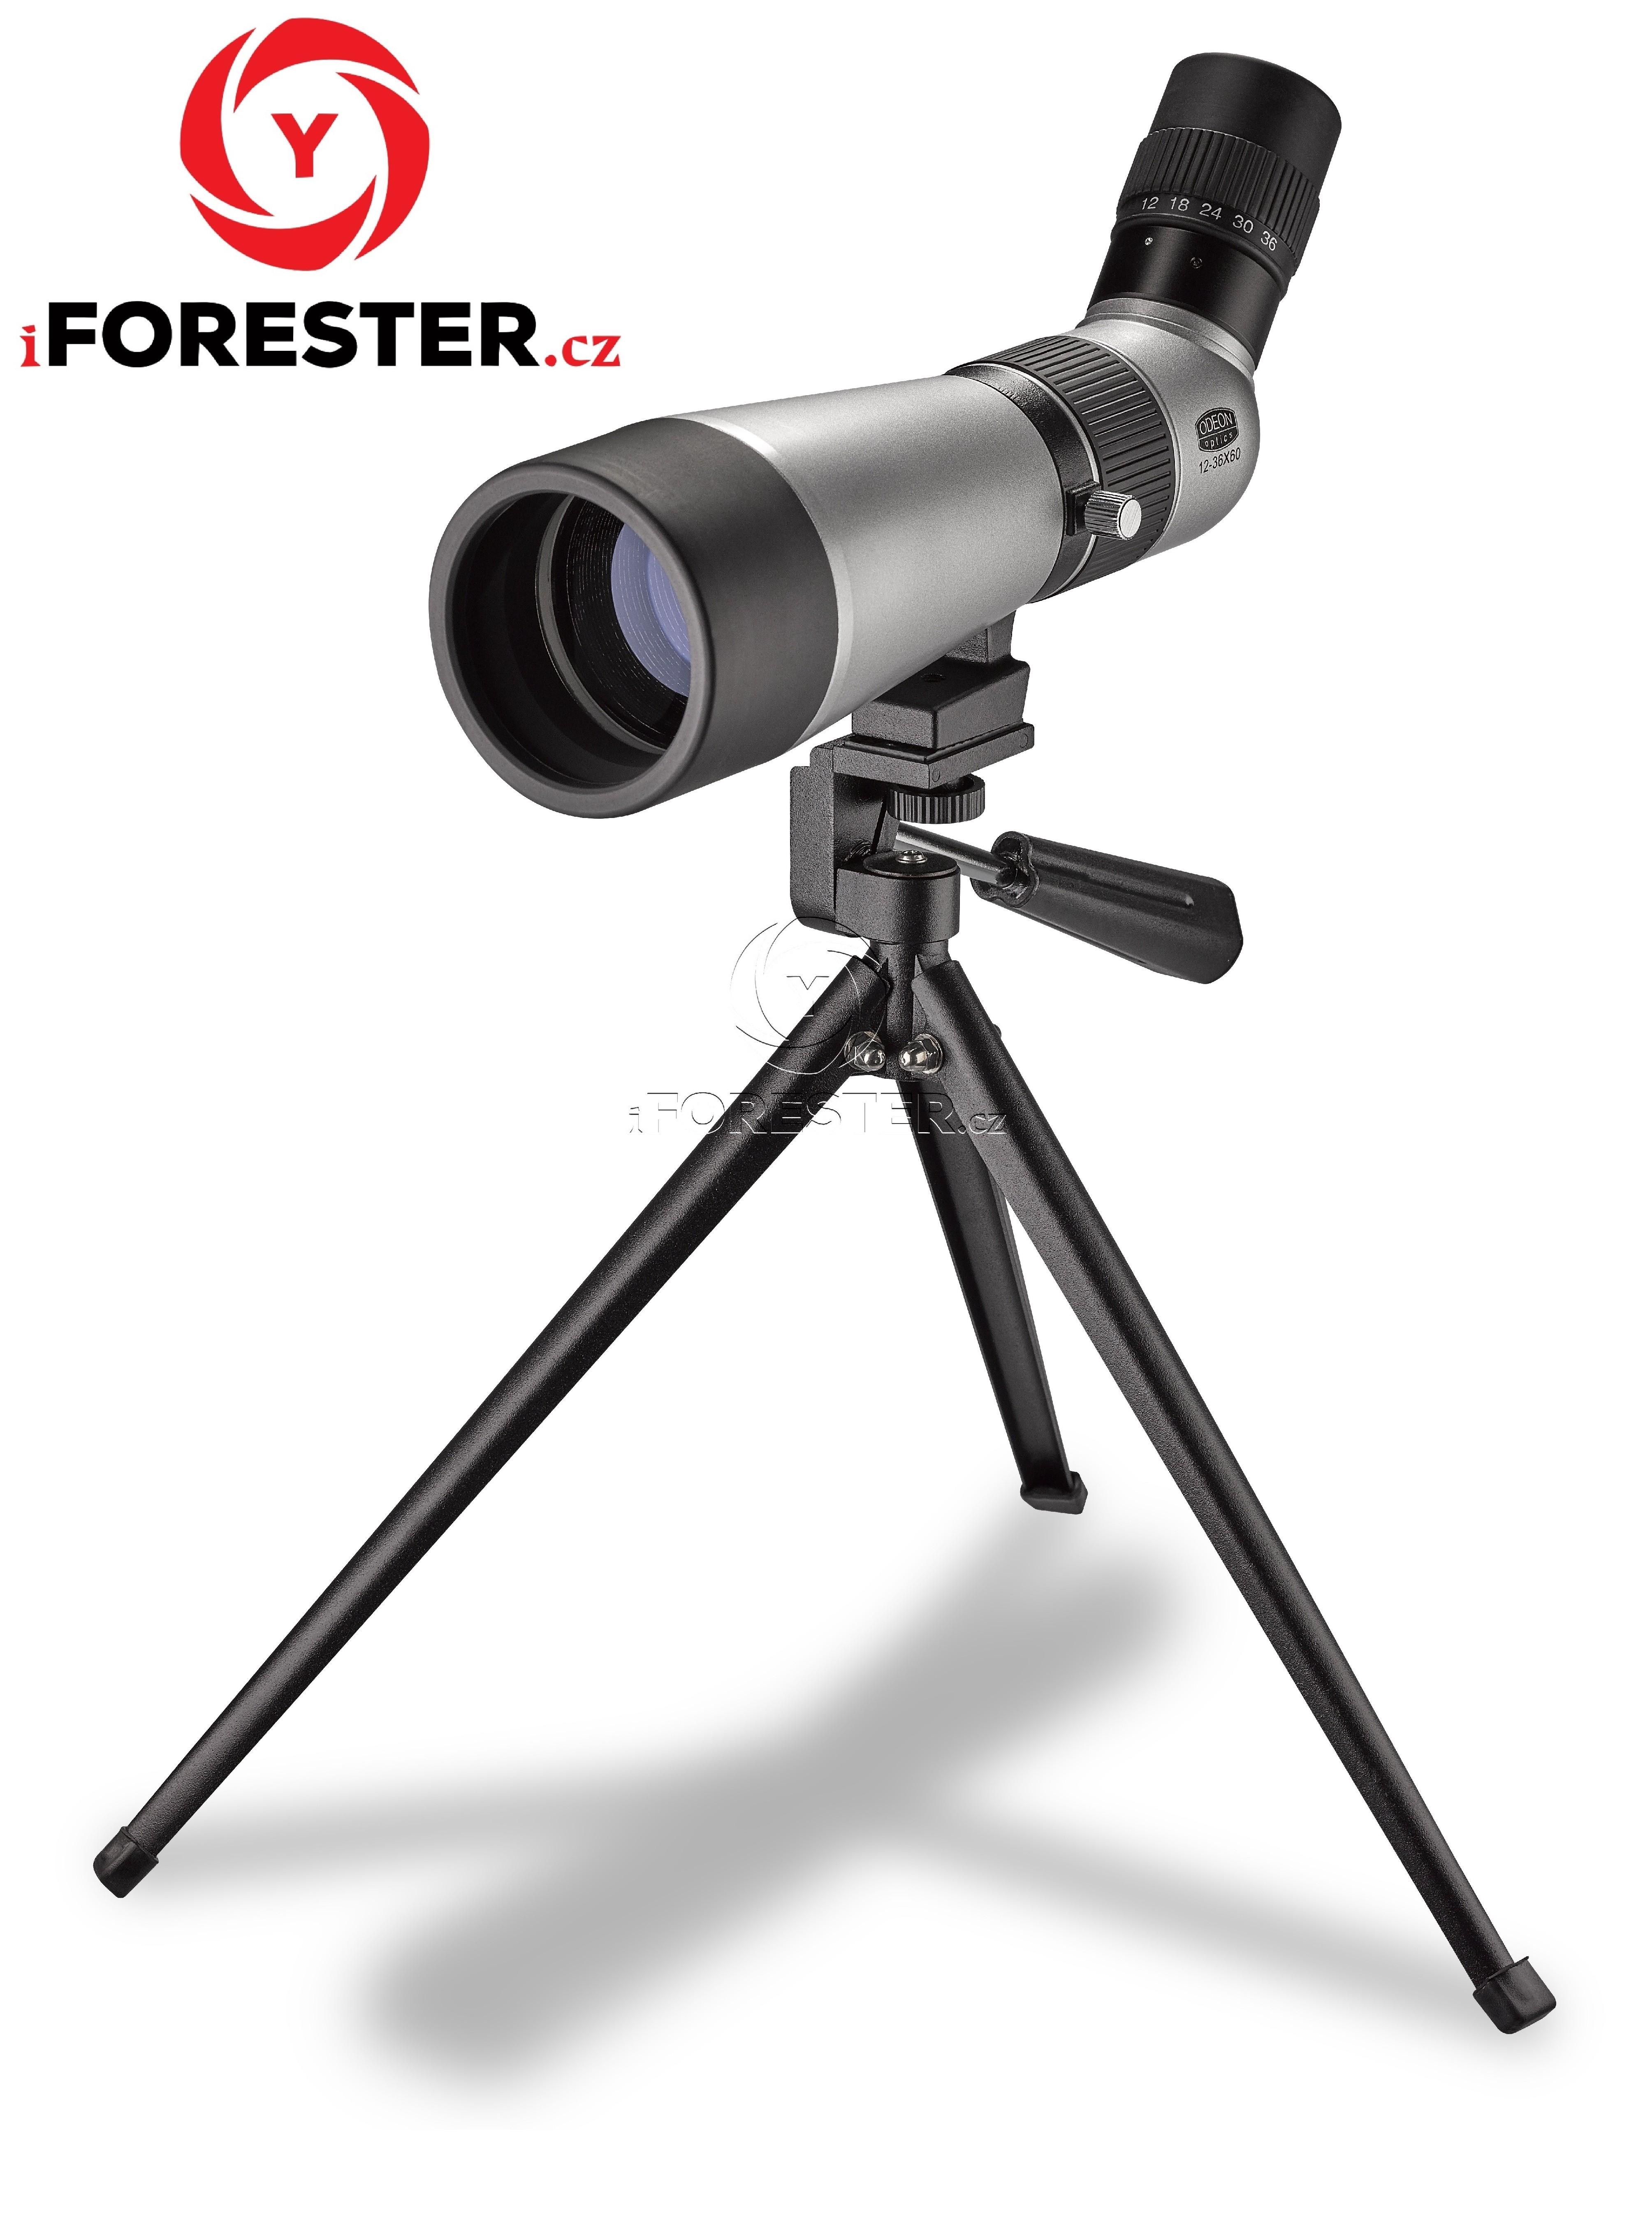 Monokulární pozorovací dalekohled ODEON 12-36x60